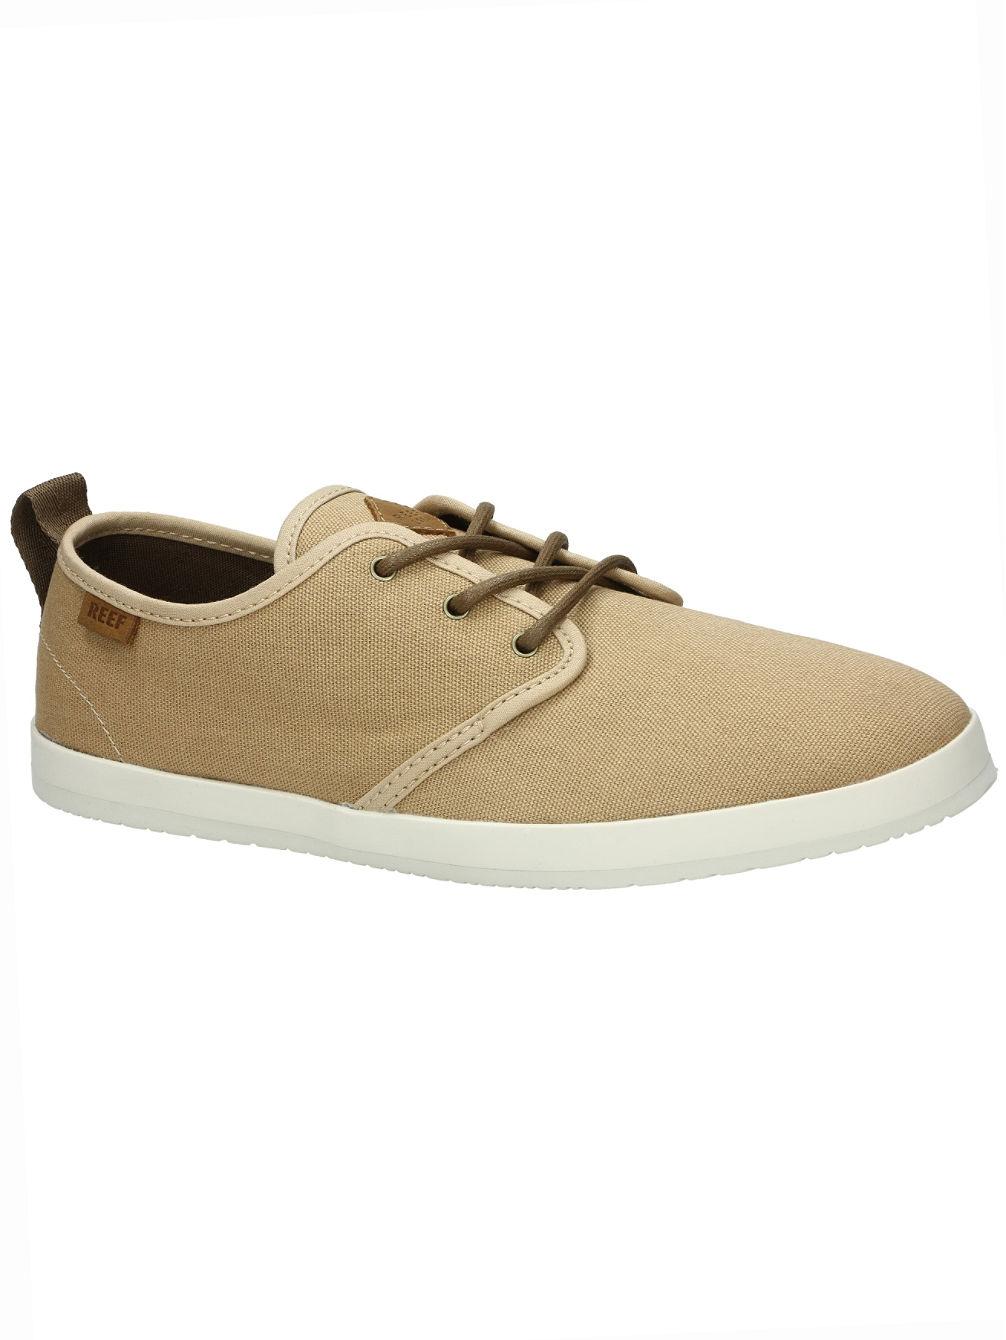 reef-landis-sneakers